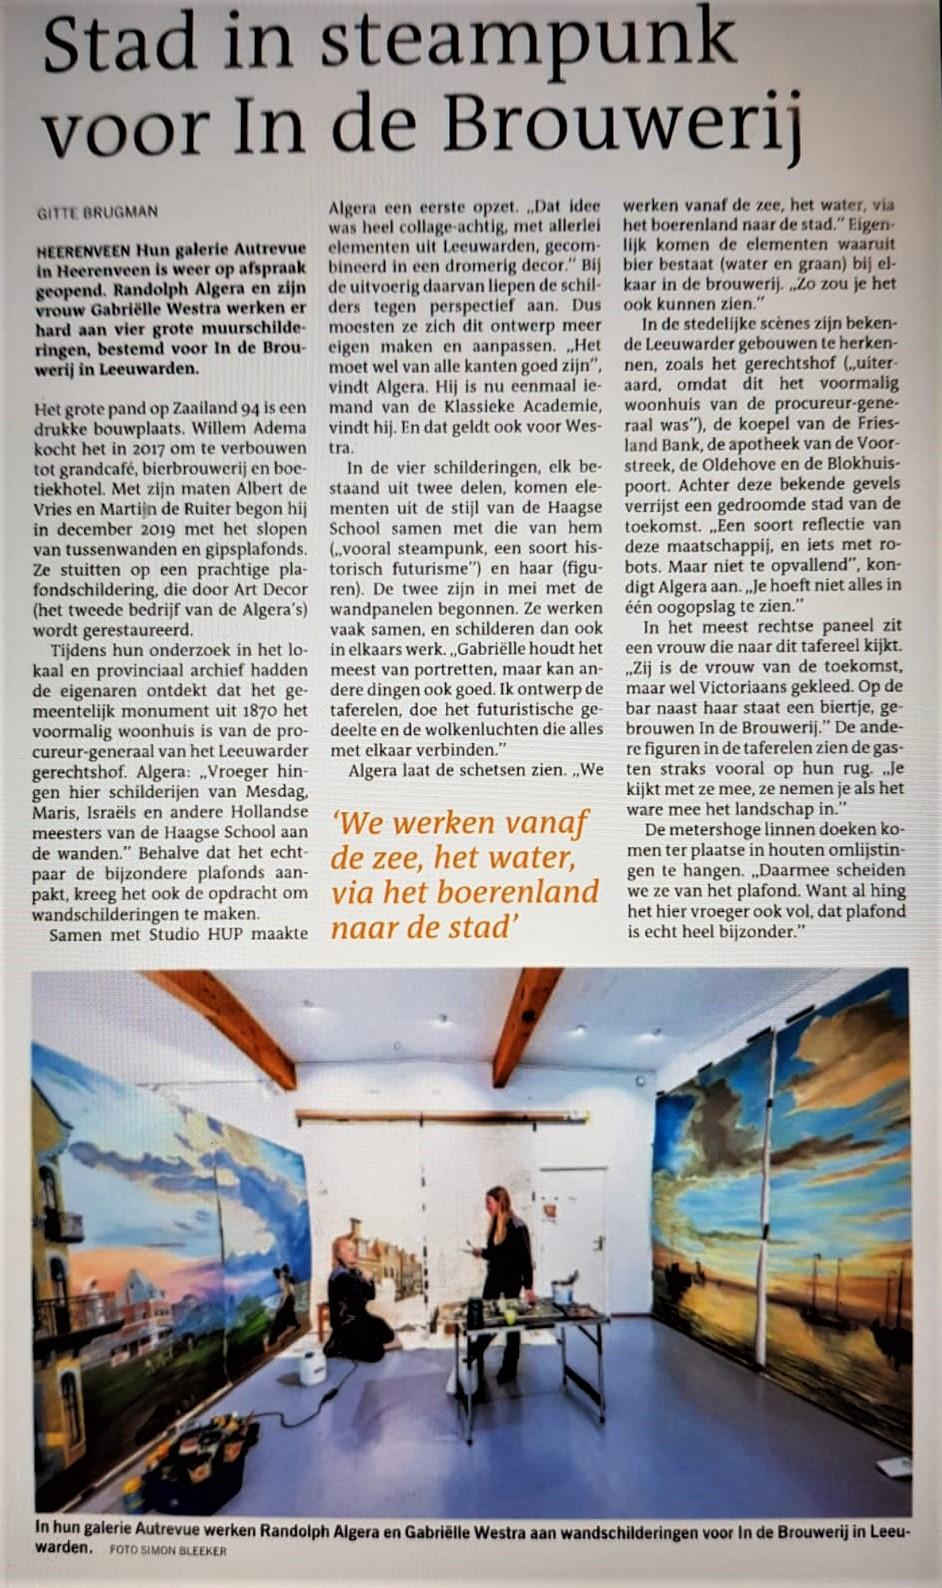 De Leeuwarder Courant wijdt een artikel aan de bijzondere muurschilderingen die Randolph Algera en Gabriëlle Westra maken voor een monumentaal pand aan het Zaailand in Leeuwarden.